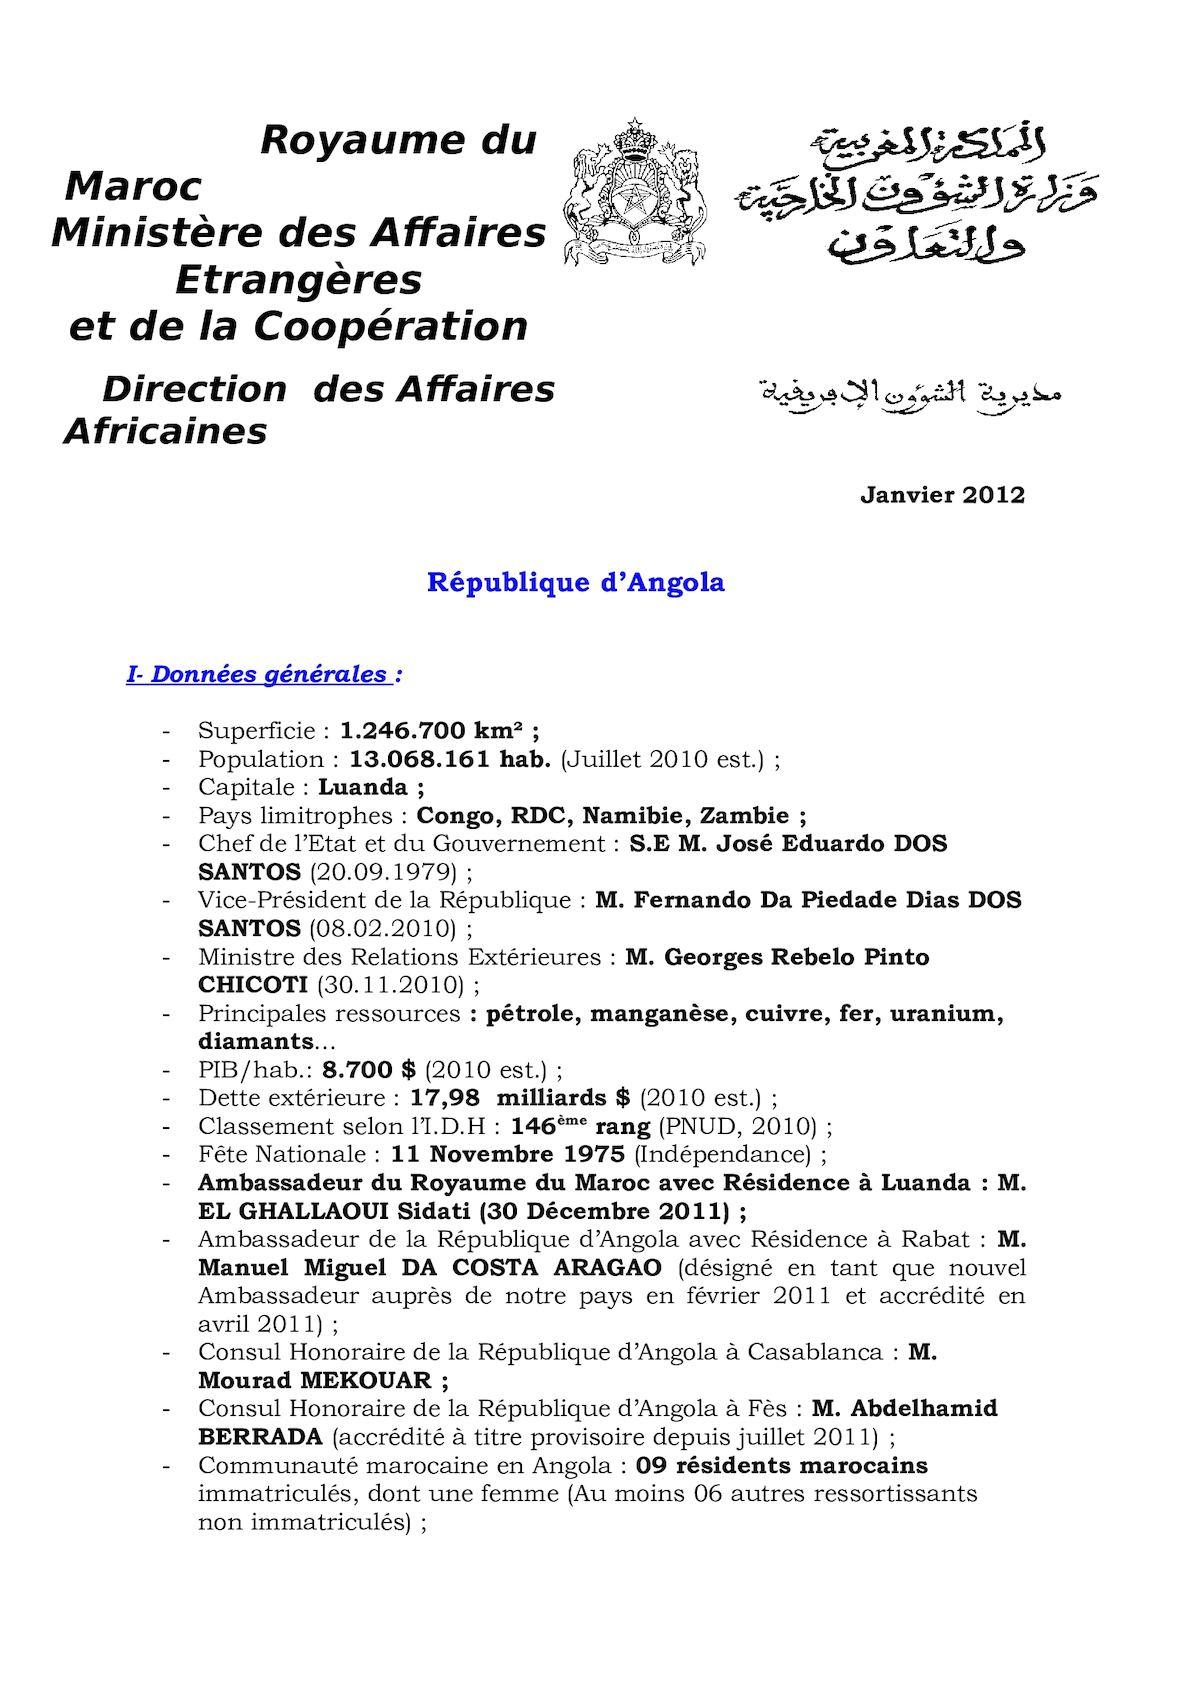 F. SUCCINCTE ANGOLA 2012